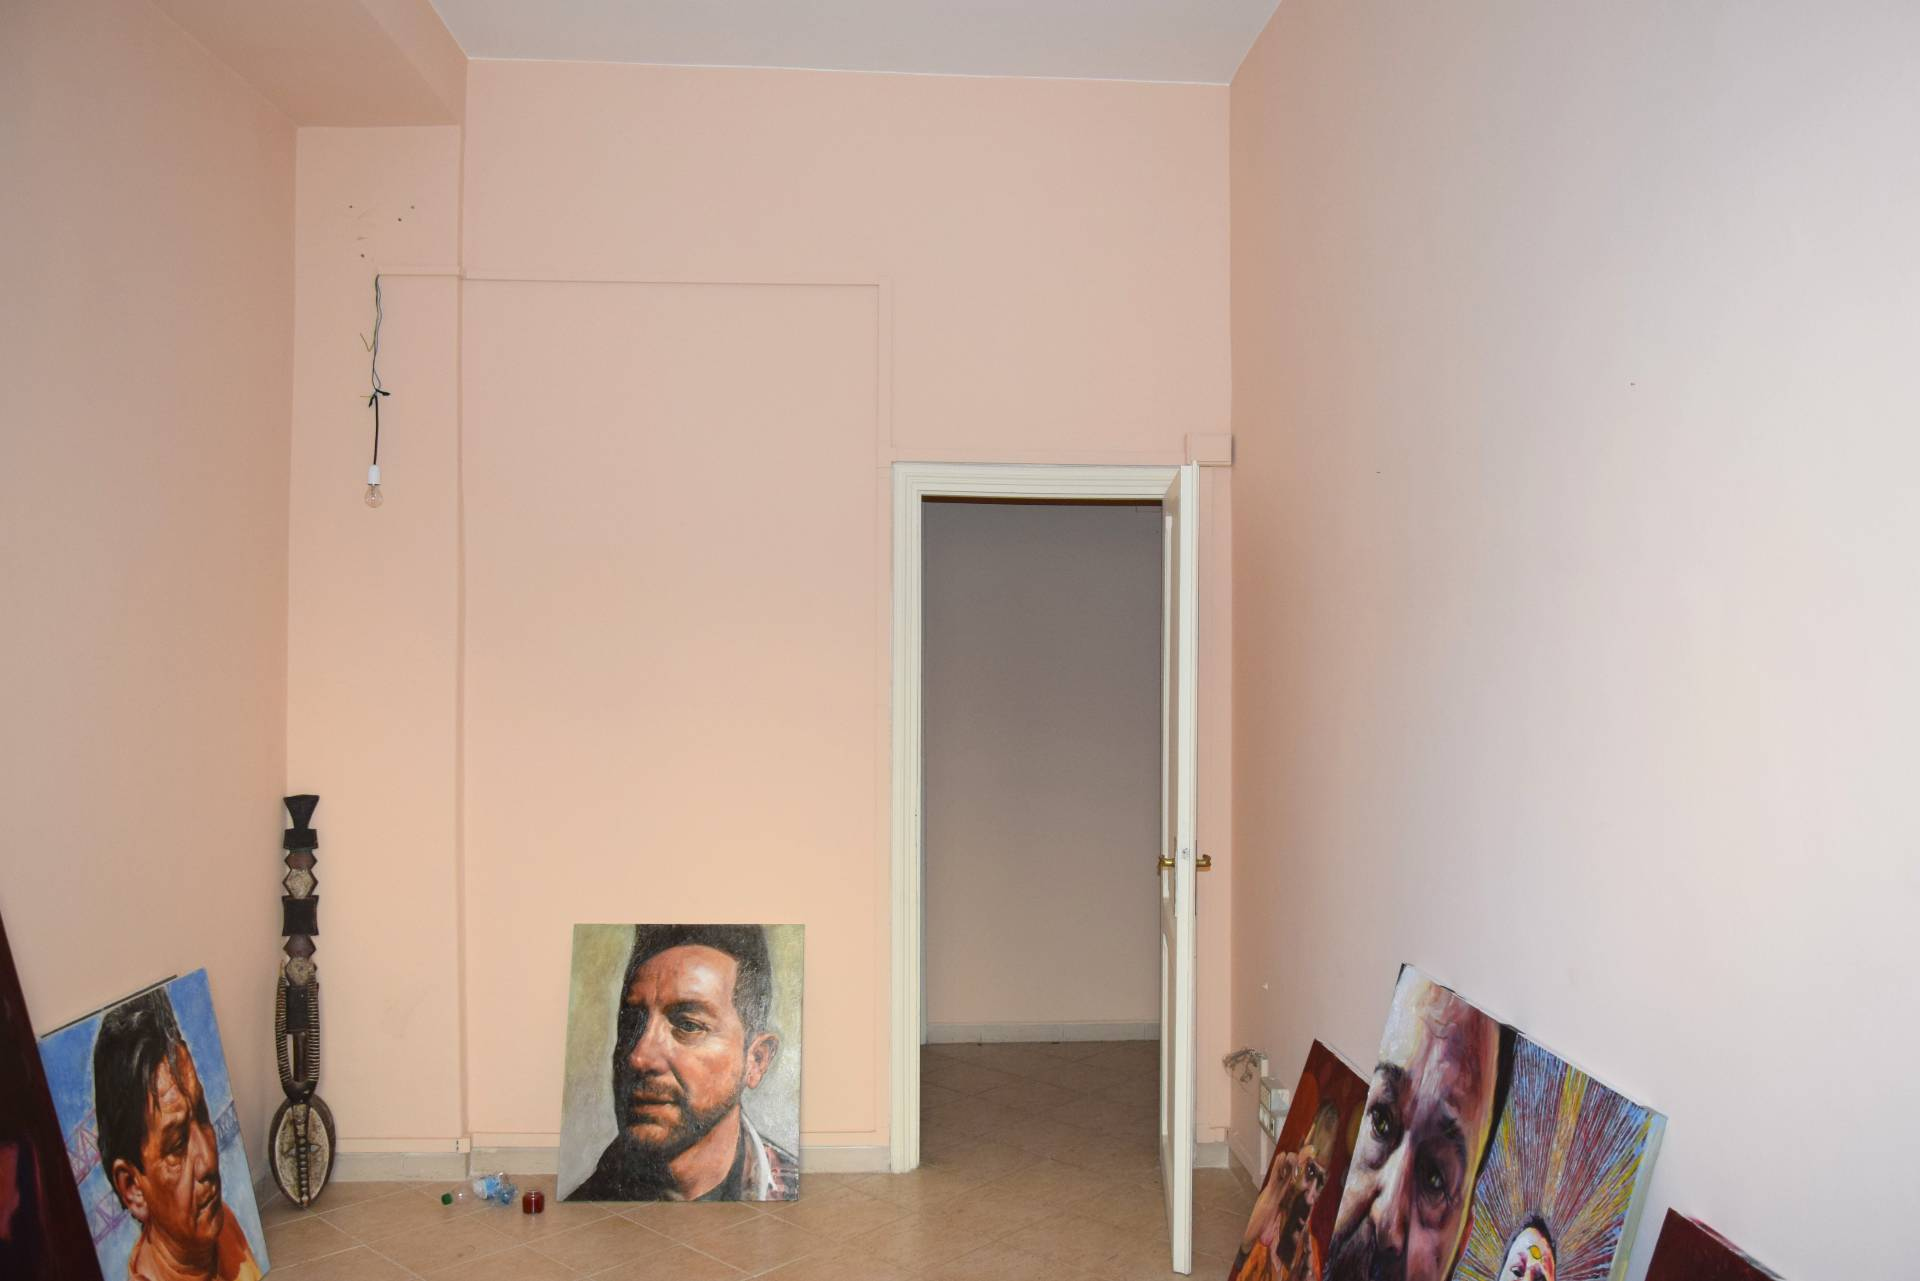 Cbi053-310-via Labicana - Appartamento In Vendita A Roma